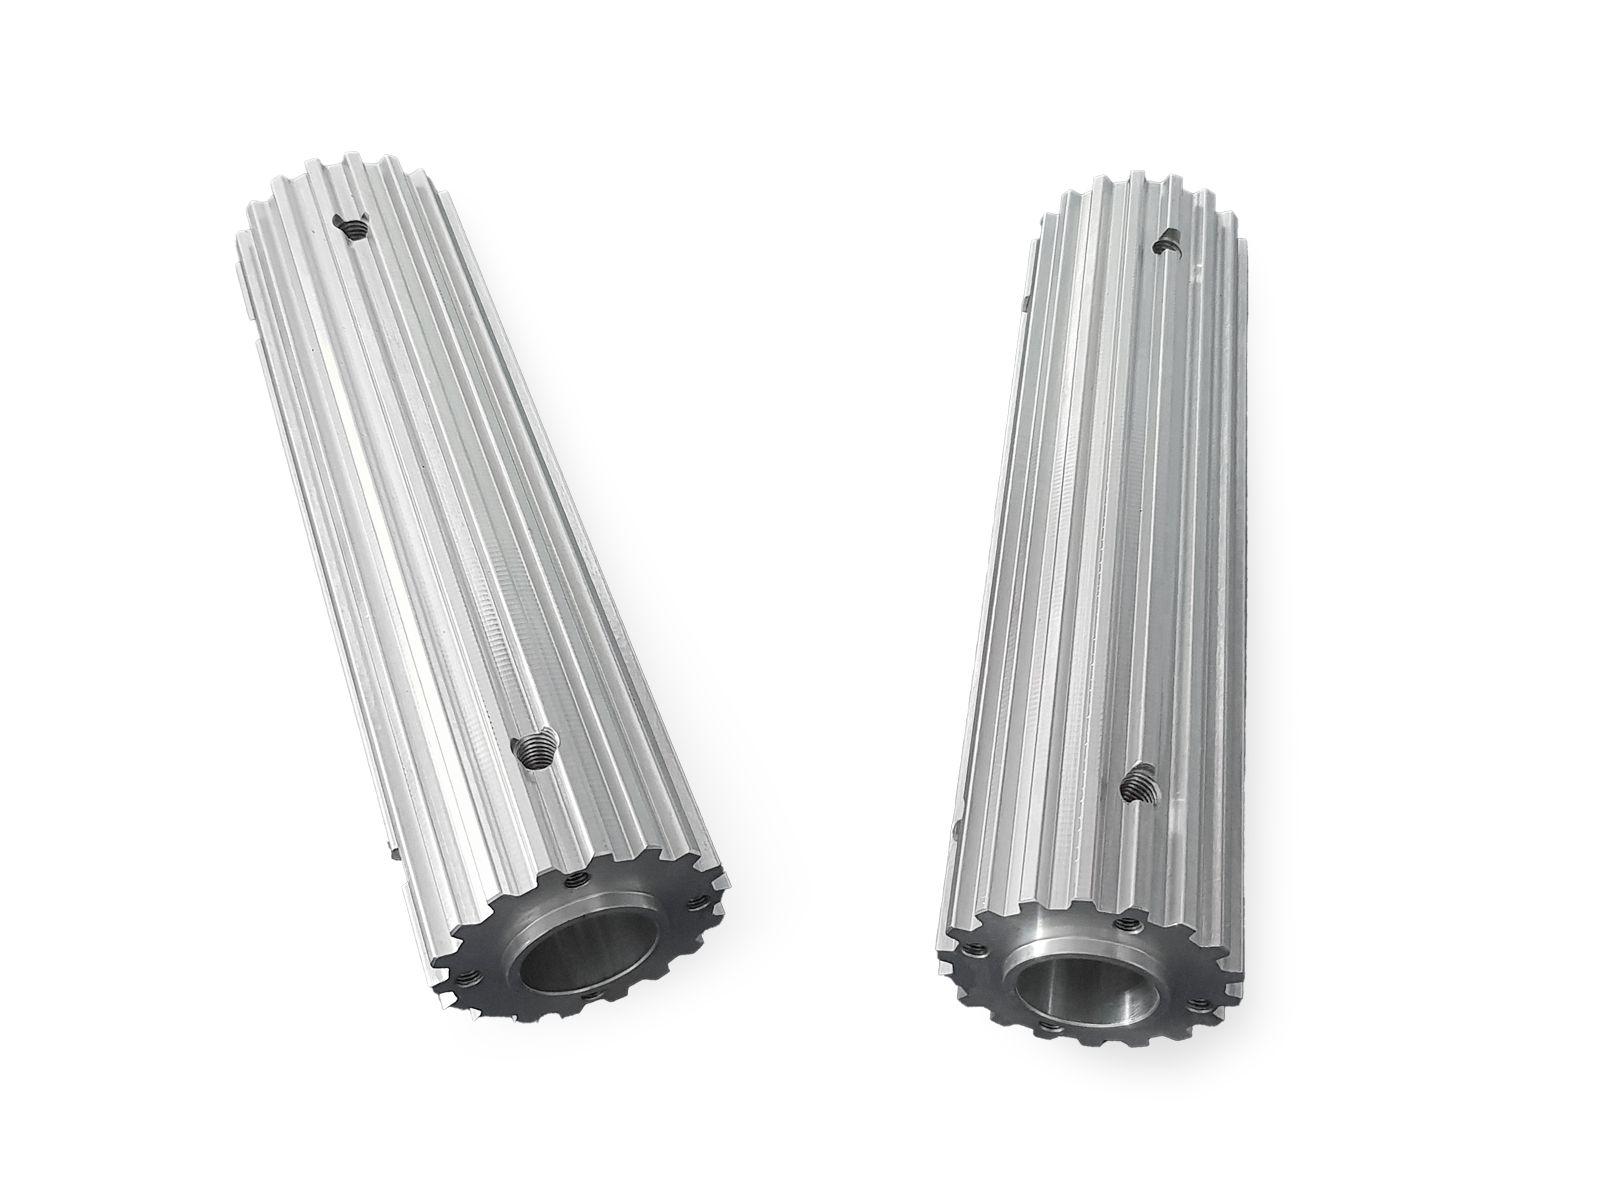 Barre dentate in alluminio per cinghia passo T10 personalizzate con lavorazioni a disegno